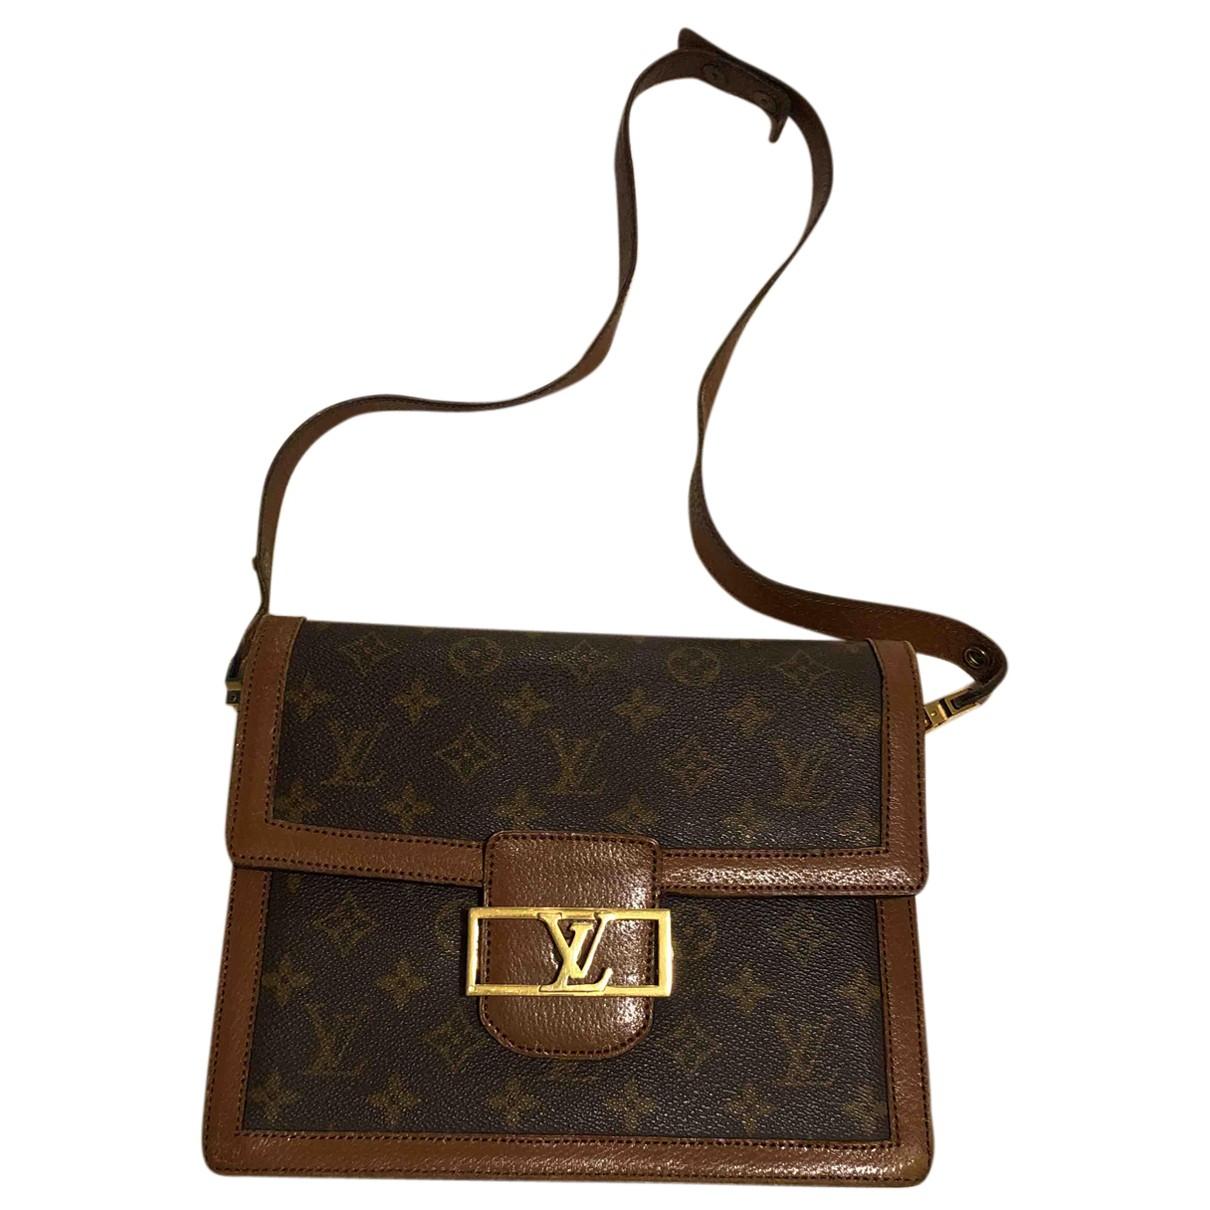 Louis Vuitton Dauphine Vintage Handtasche in  Braun Leder